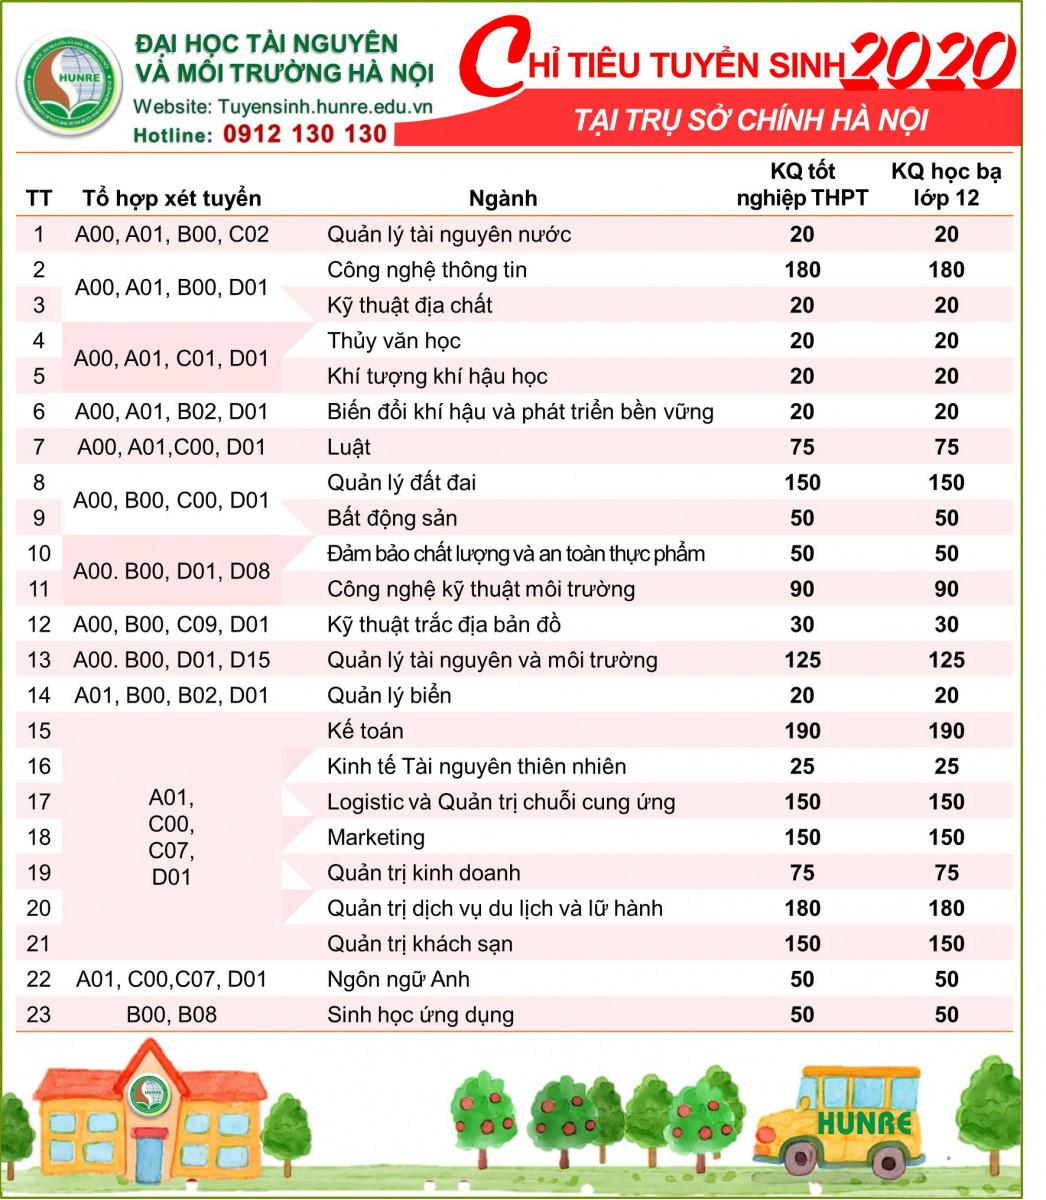 https://tuyensinh.hunre.edu.vn/media/data/Tuyen-sinh/Bang-nganh.jpg